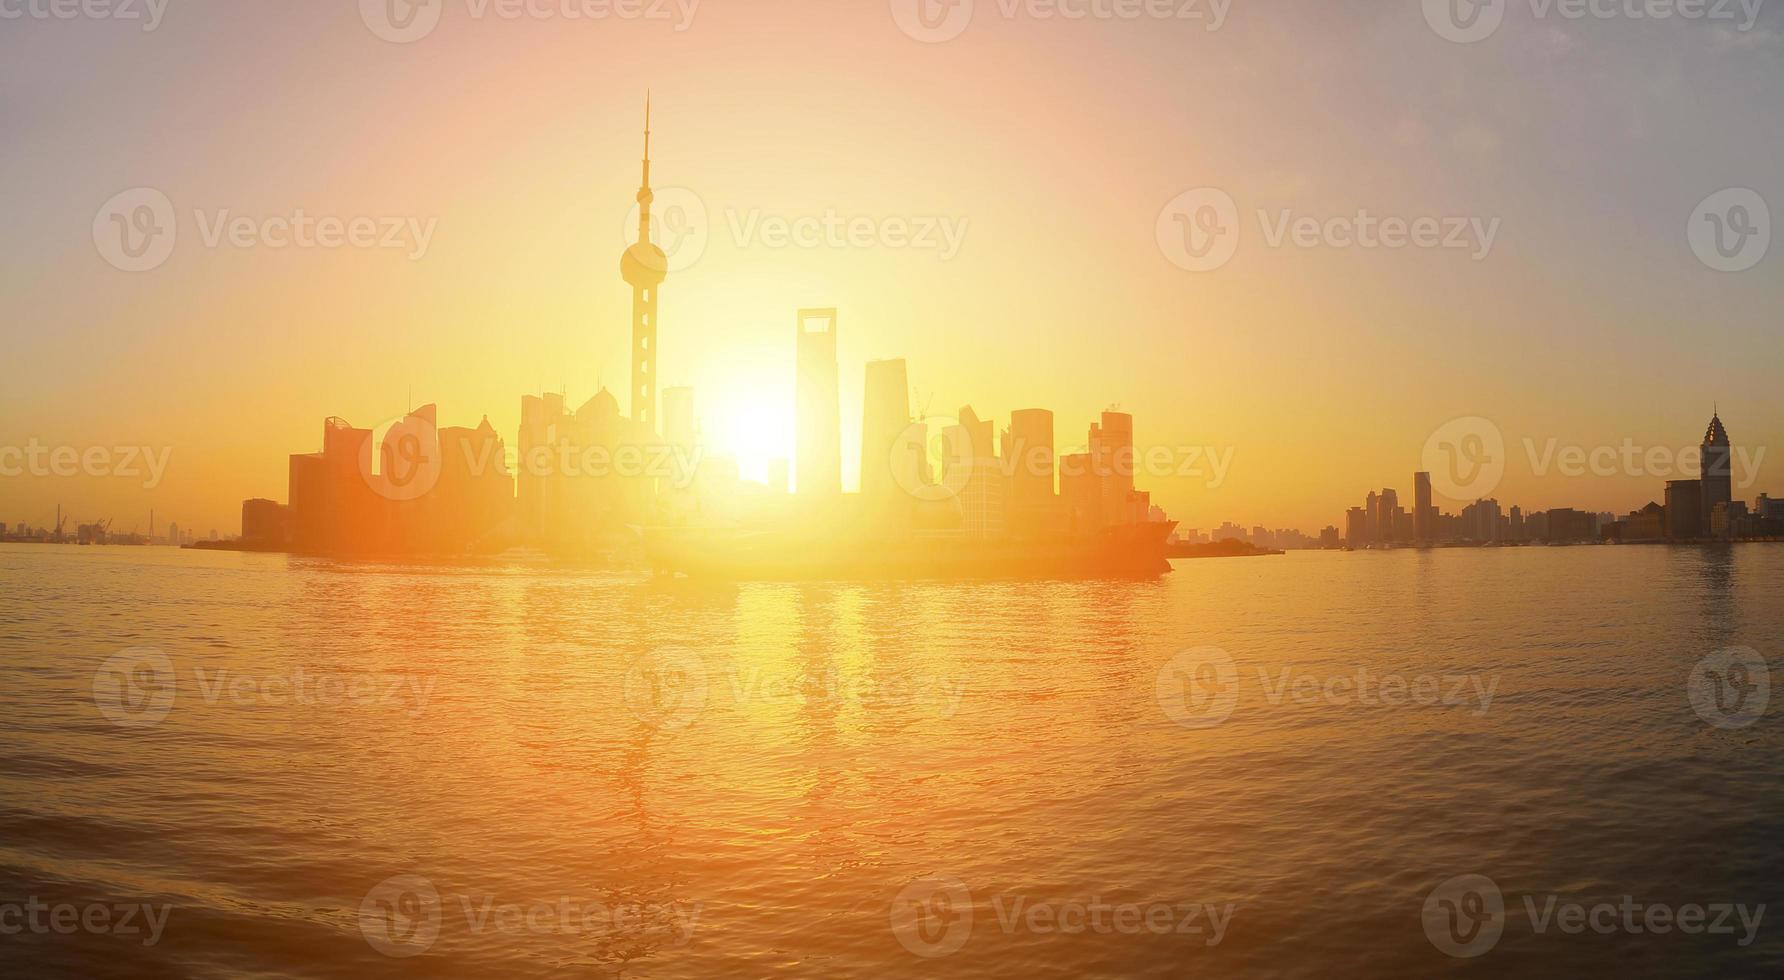 Lujiazui zona de finanzas y comercio del horizonte histórico de Shangai en panorámica foto